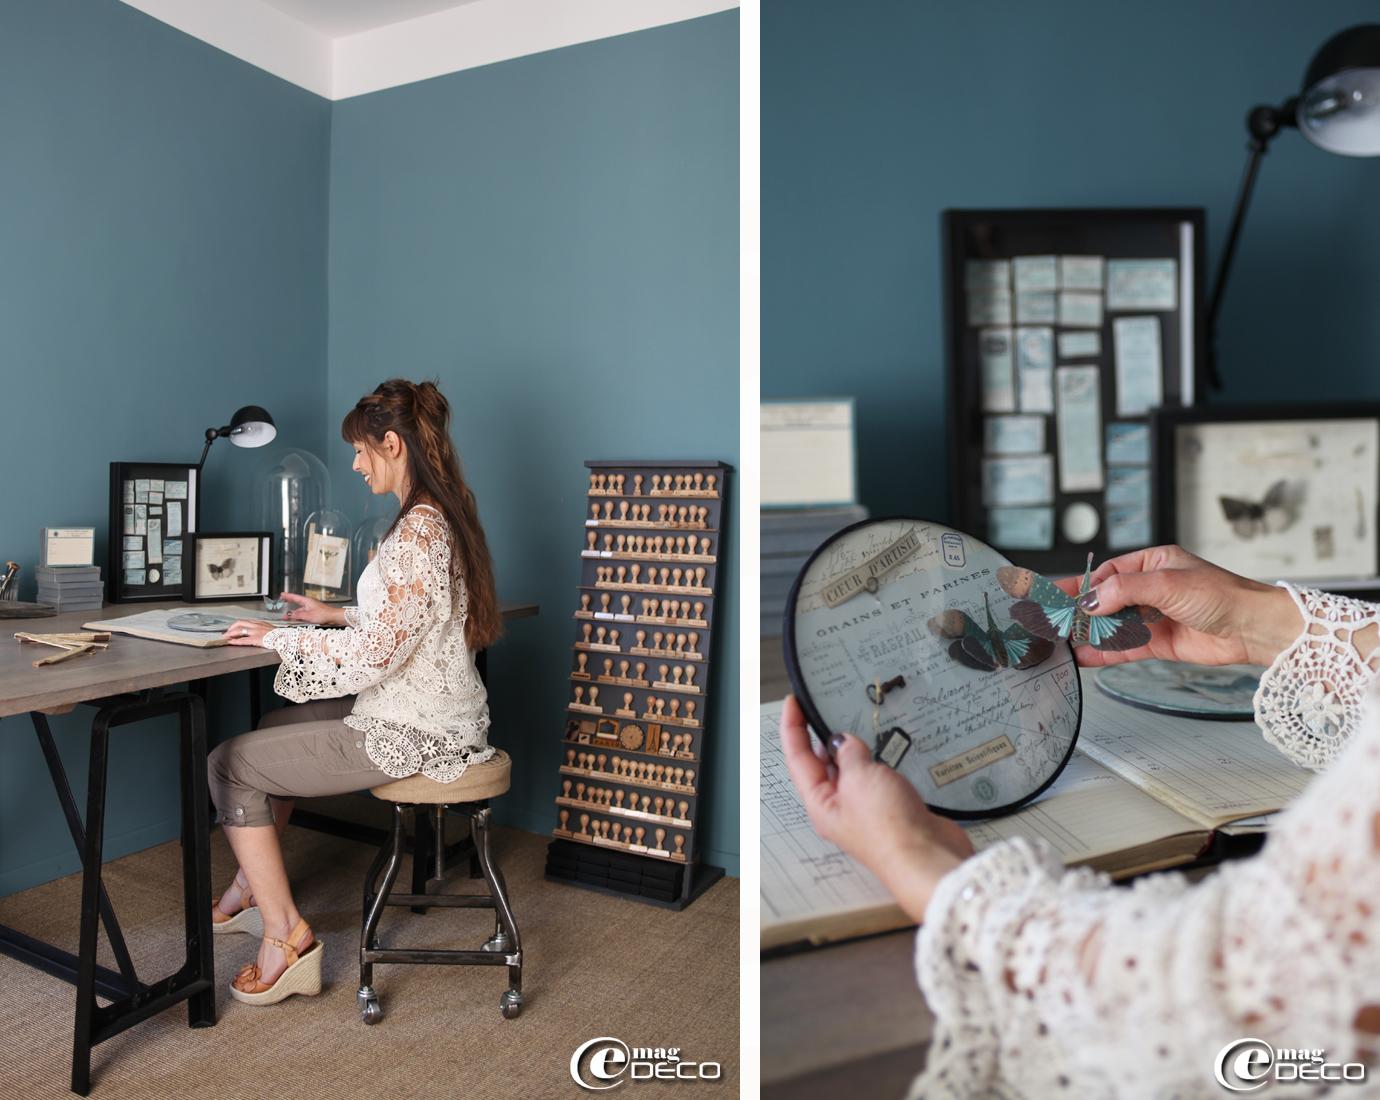 Dans l'atelier d'Aurélia Ducrocq du blog 'Dentelles Oxydées...', un bureau et une lampe articulée AM-PM